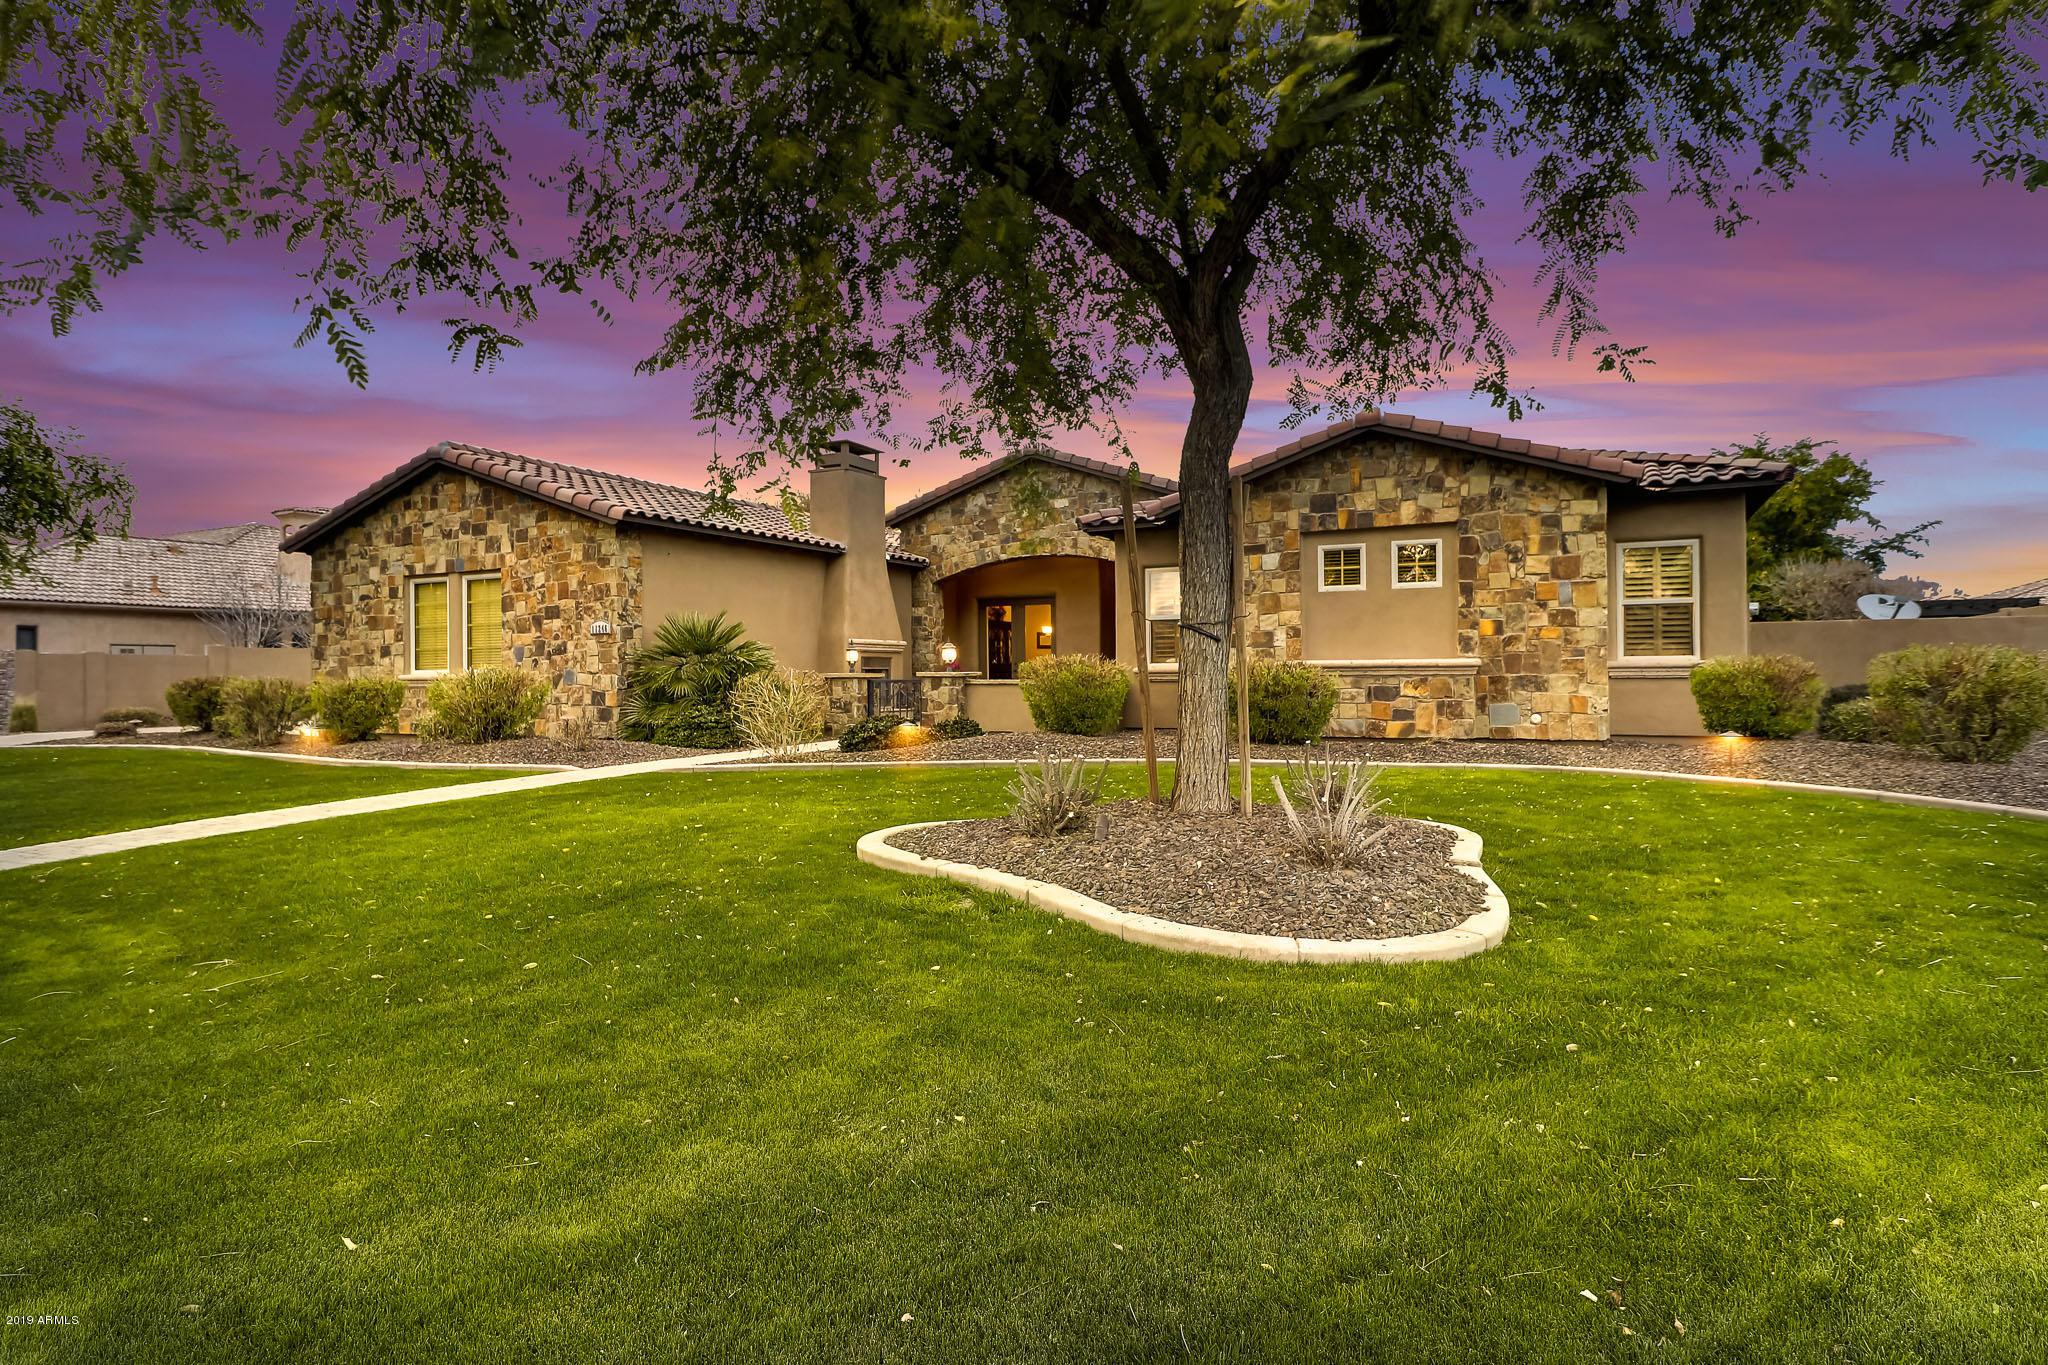 Photo of 11246 E Flintlock Drive, Chandler, AZ 85249